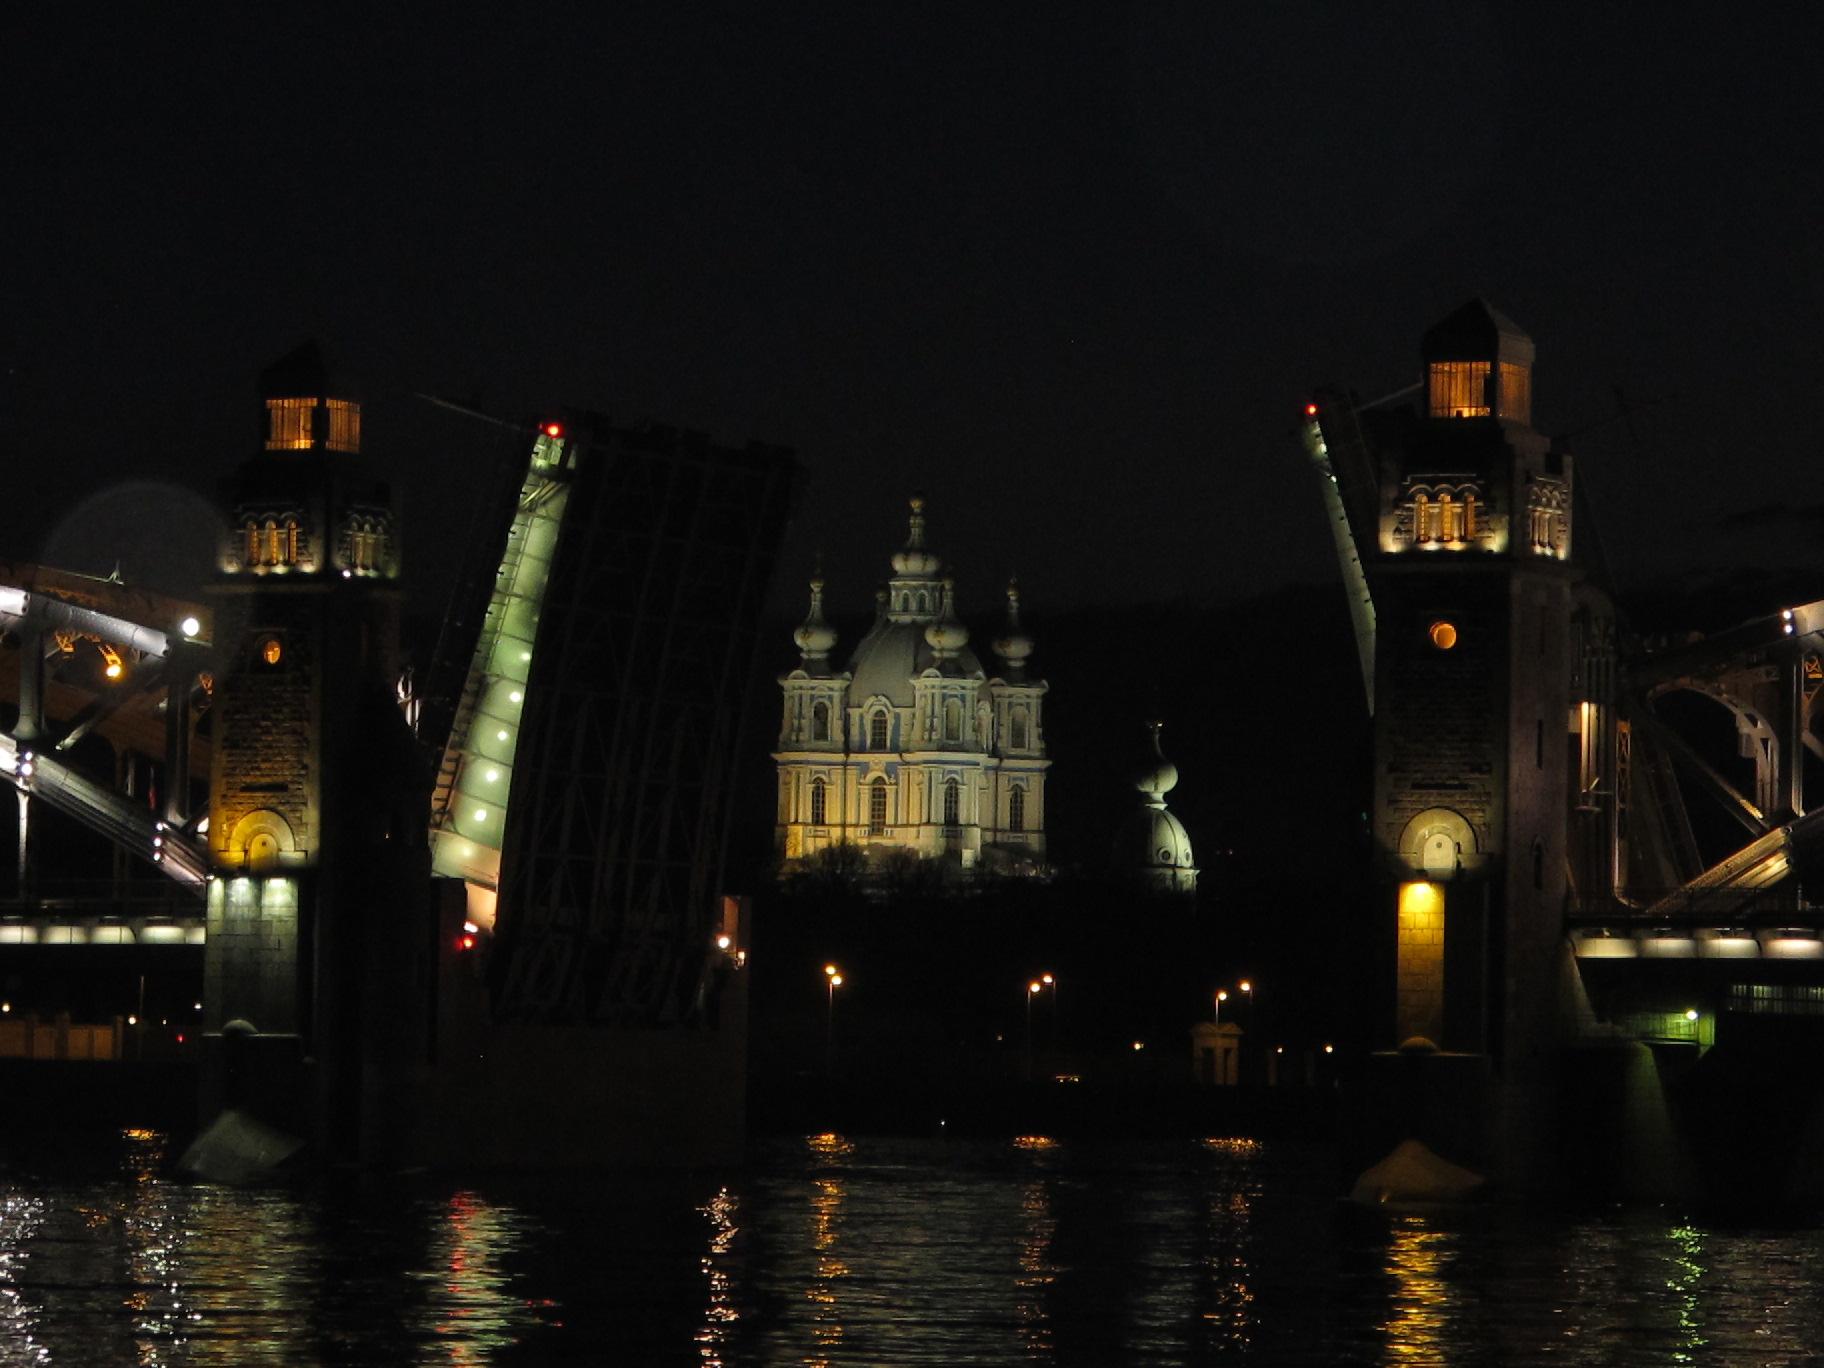 (3) La levée des ponts -Audouin Dubreuil